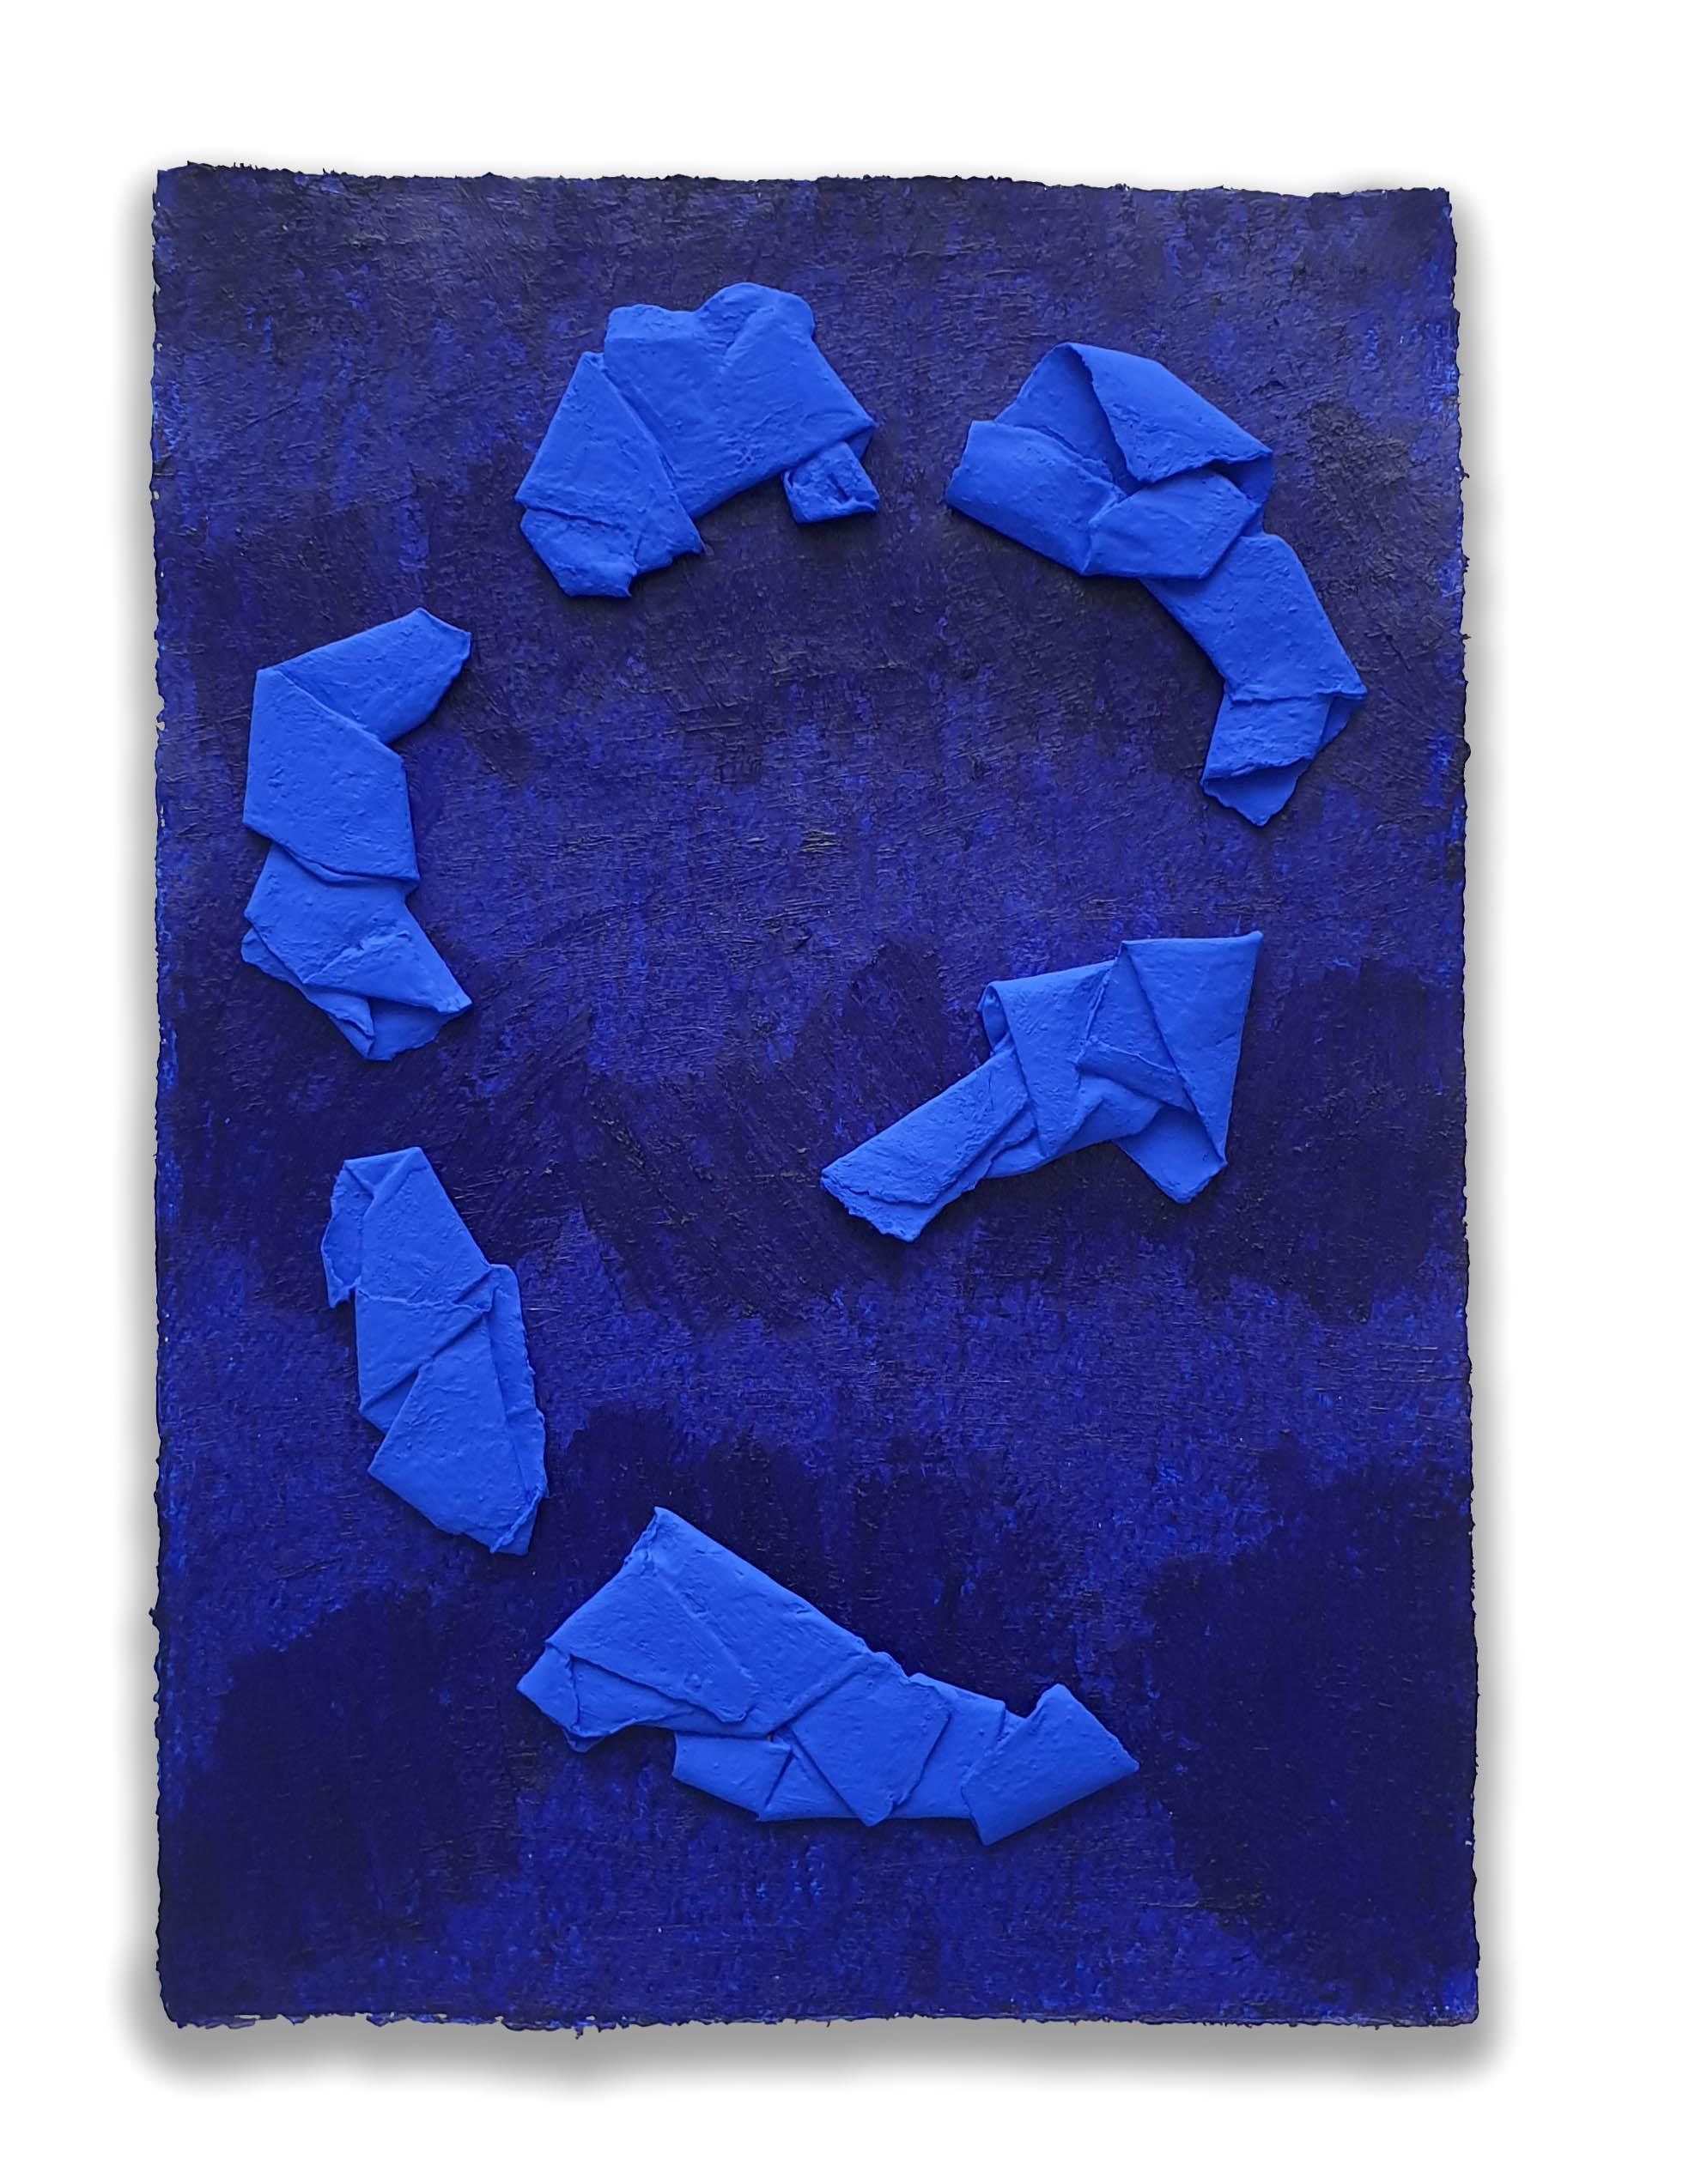 Ultramarine Vortex  - 2019  Pigmento acrilico e oil stick su carta  43 x 30 cm